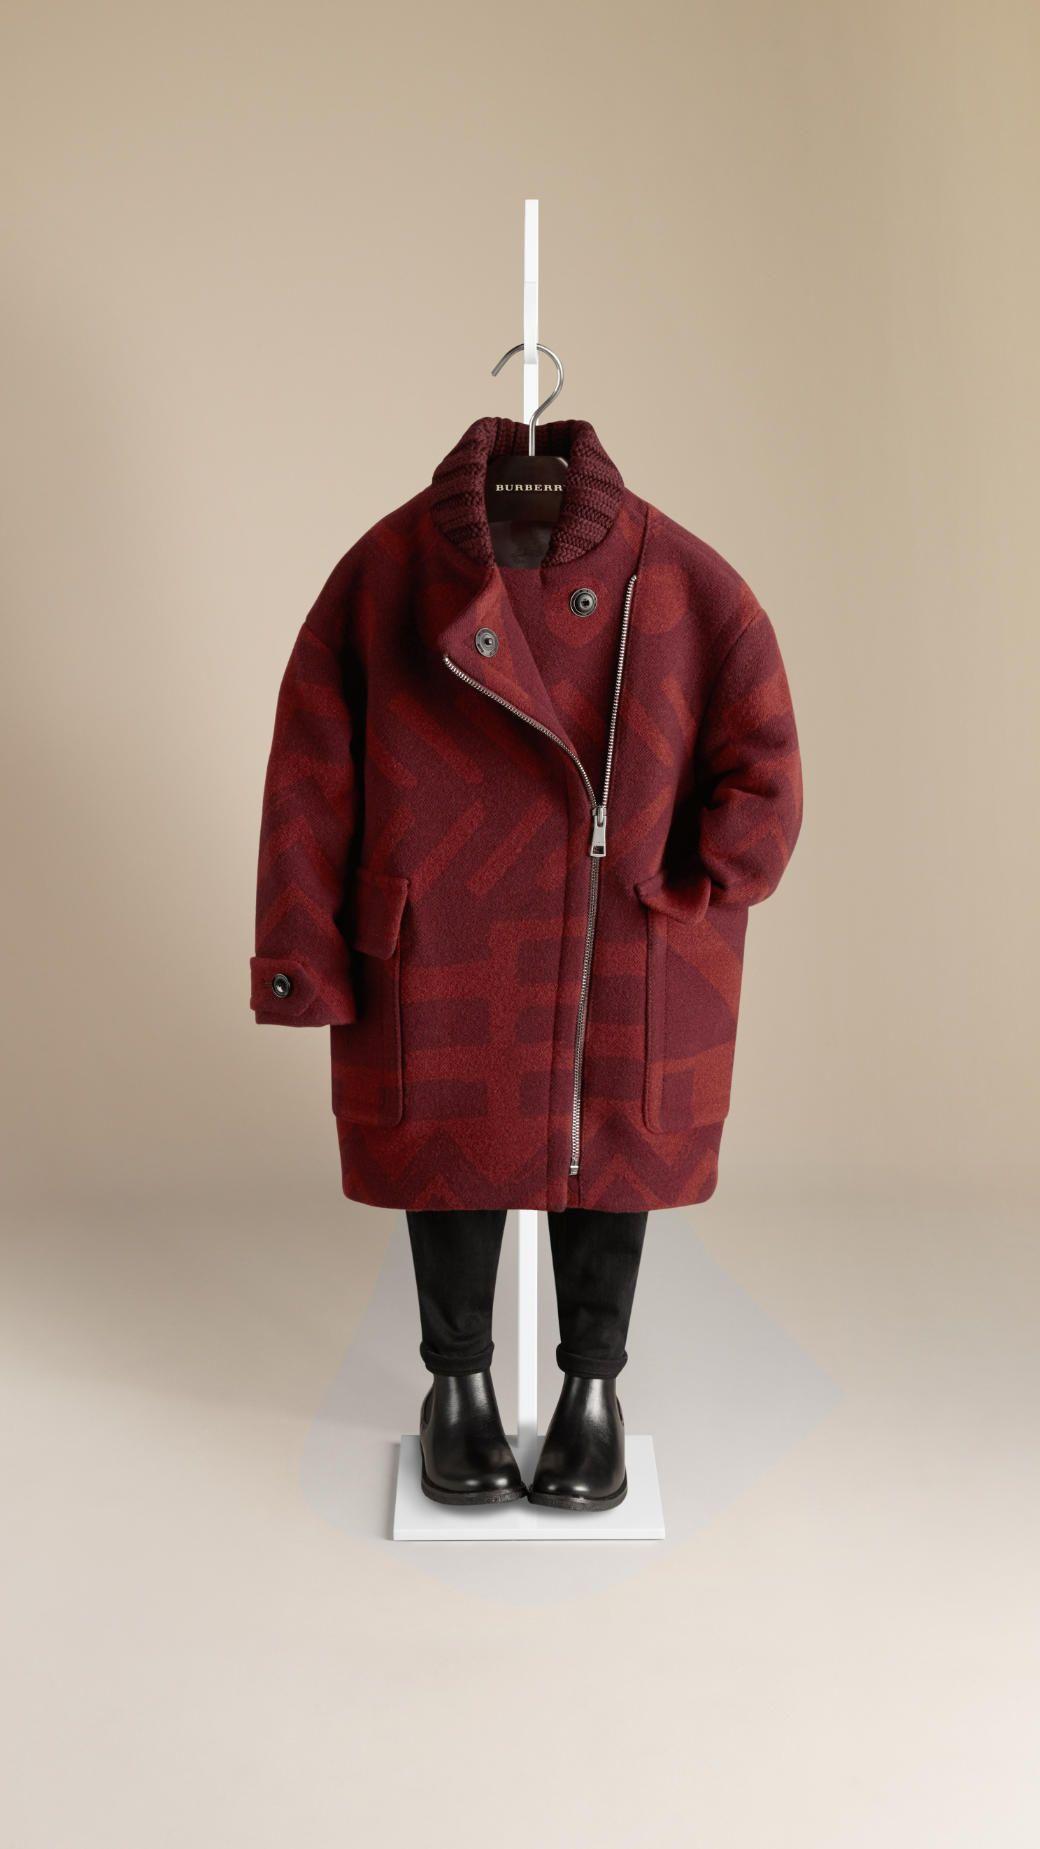 Découvrez la collection Burberry d habits pour fille. Découvrez les robes,  jupes, hauts, manteaux et accessoires pour les filles de 4 à 14 ans. 70c51c9d036